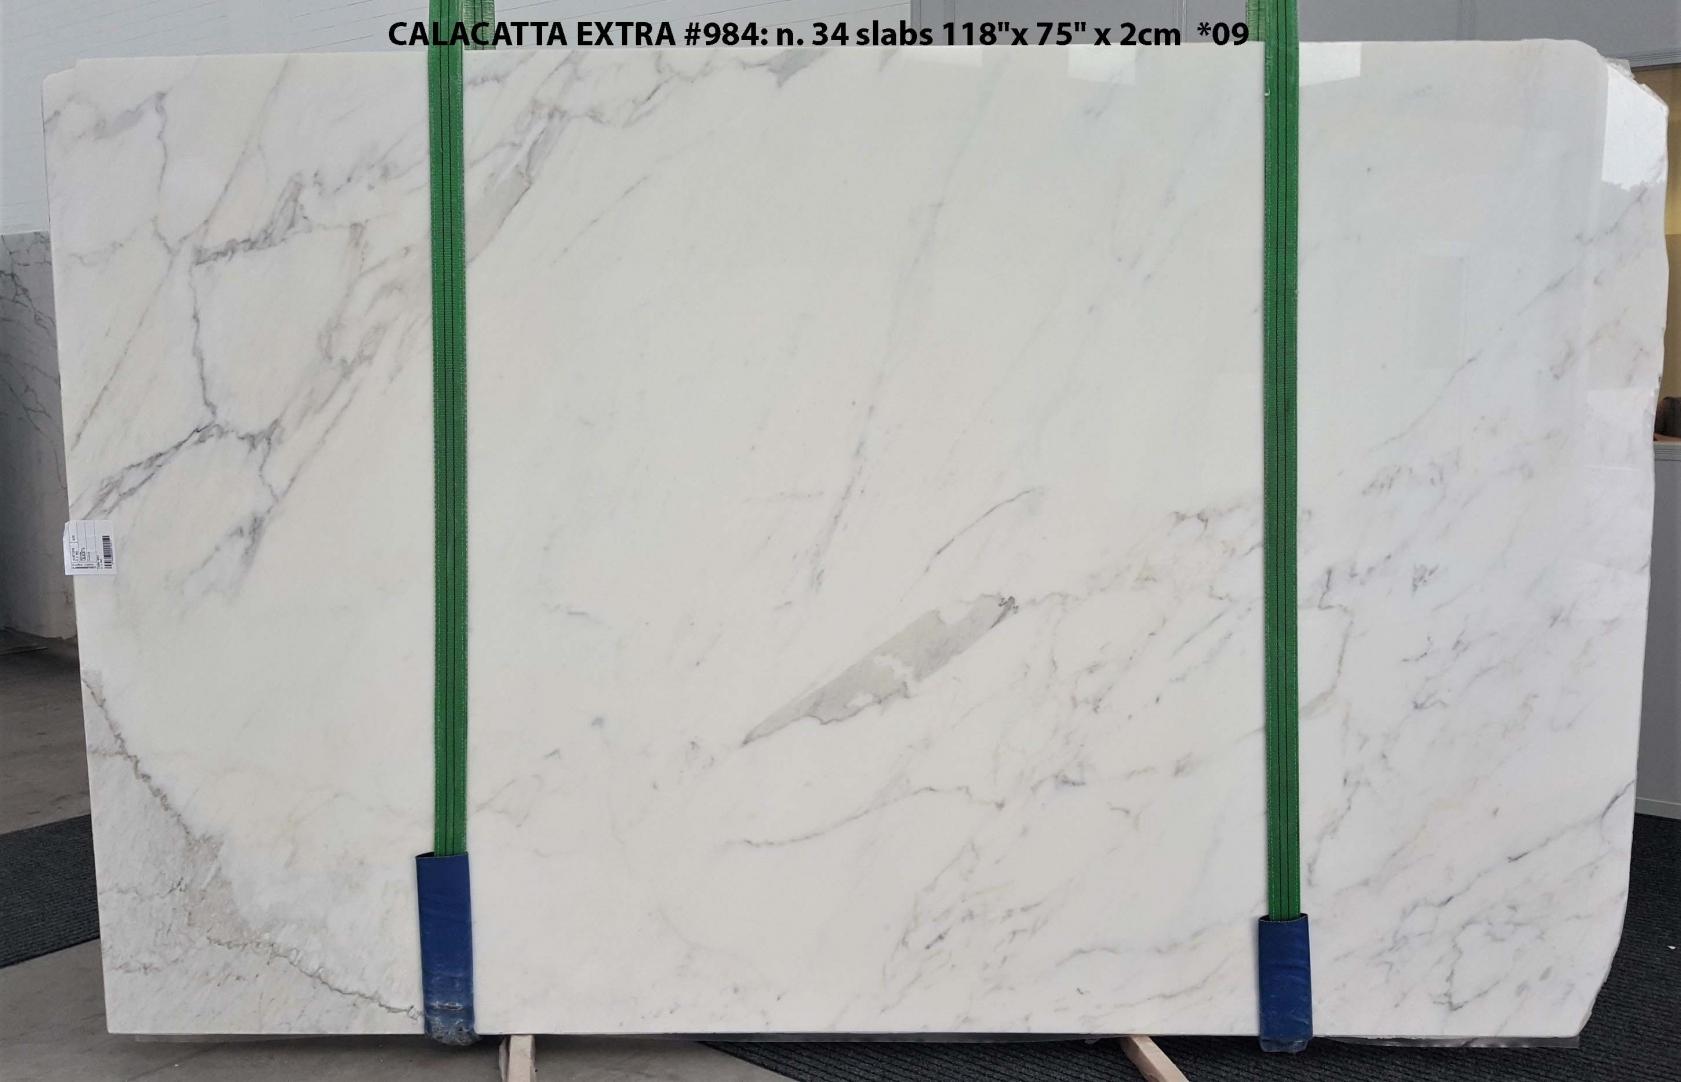 CALACATTA ORO EXTRA Suministro San Diego (Estados Unidos) de planchas pulidas en mármol natural GL 984 , Bundle #1